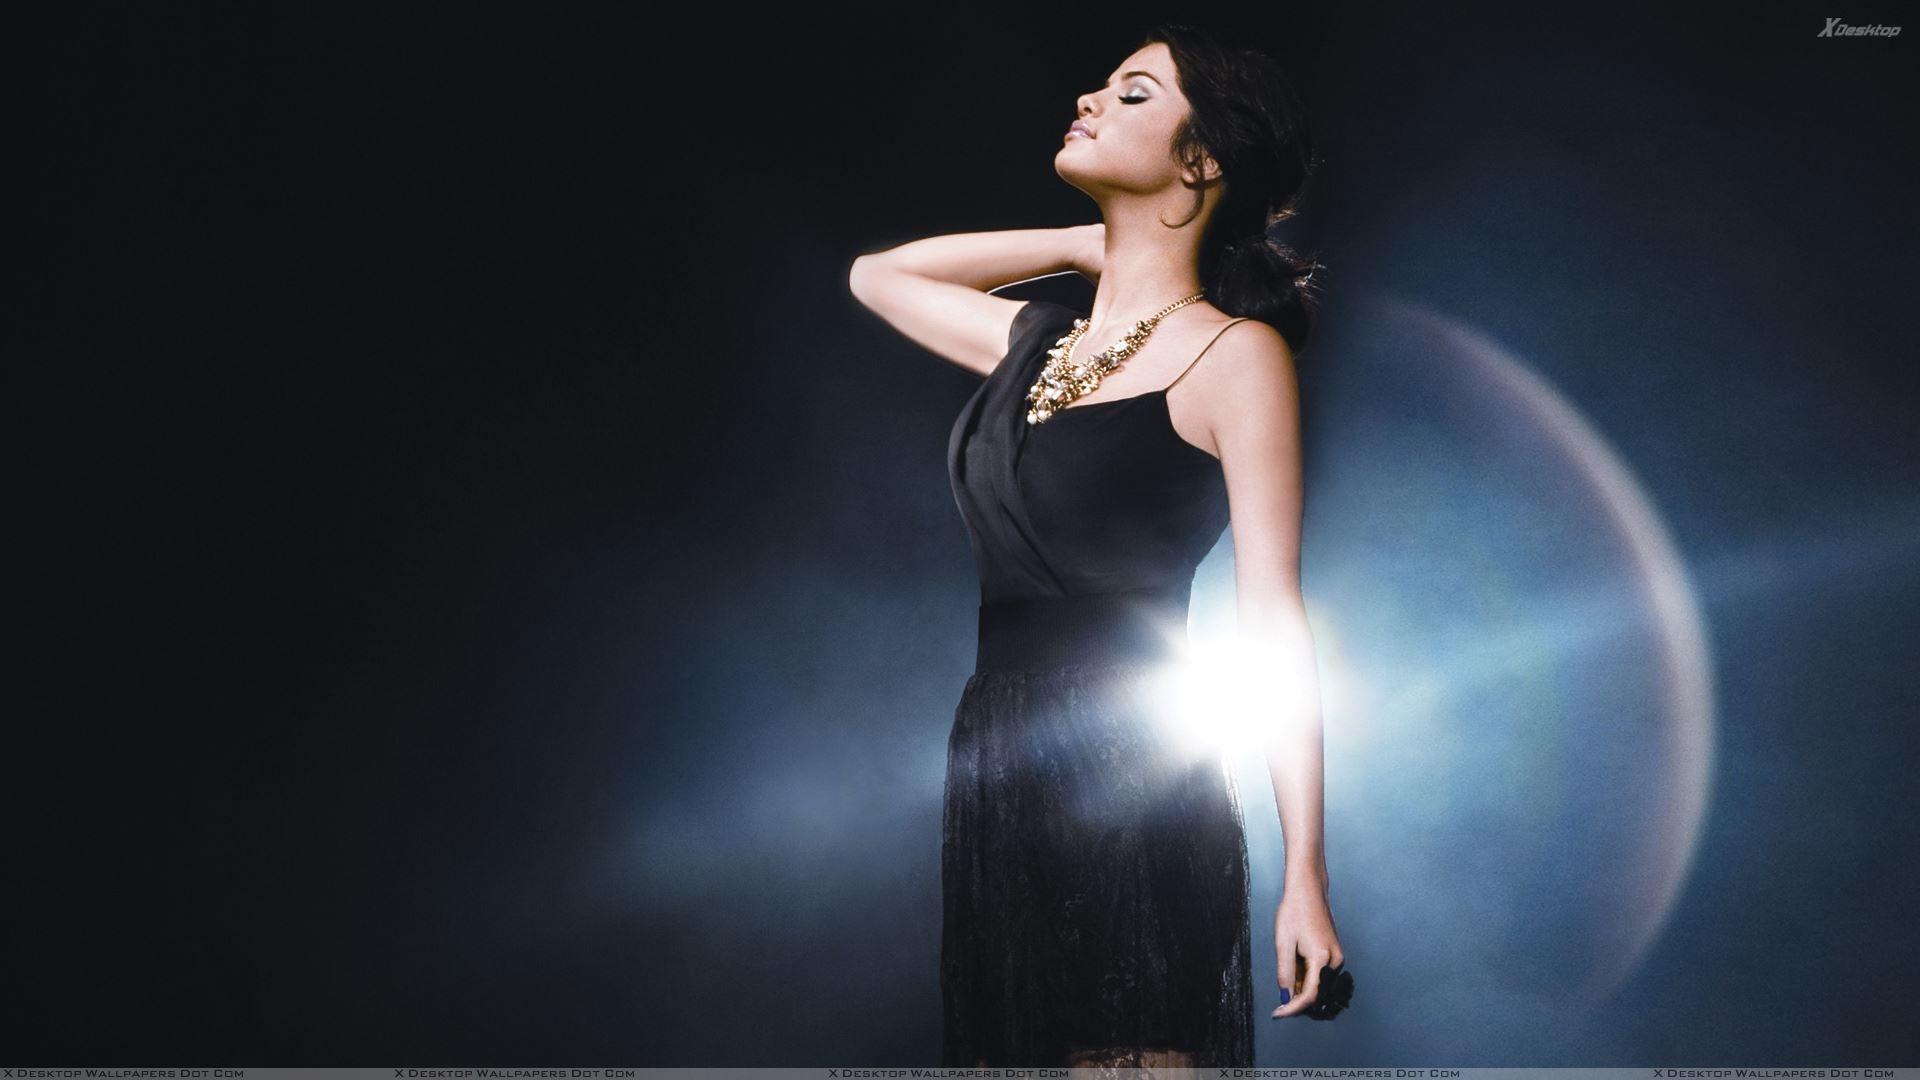 selena gomez in black dress HD Desktop Hintergrund